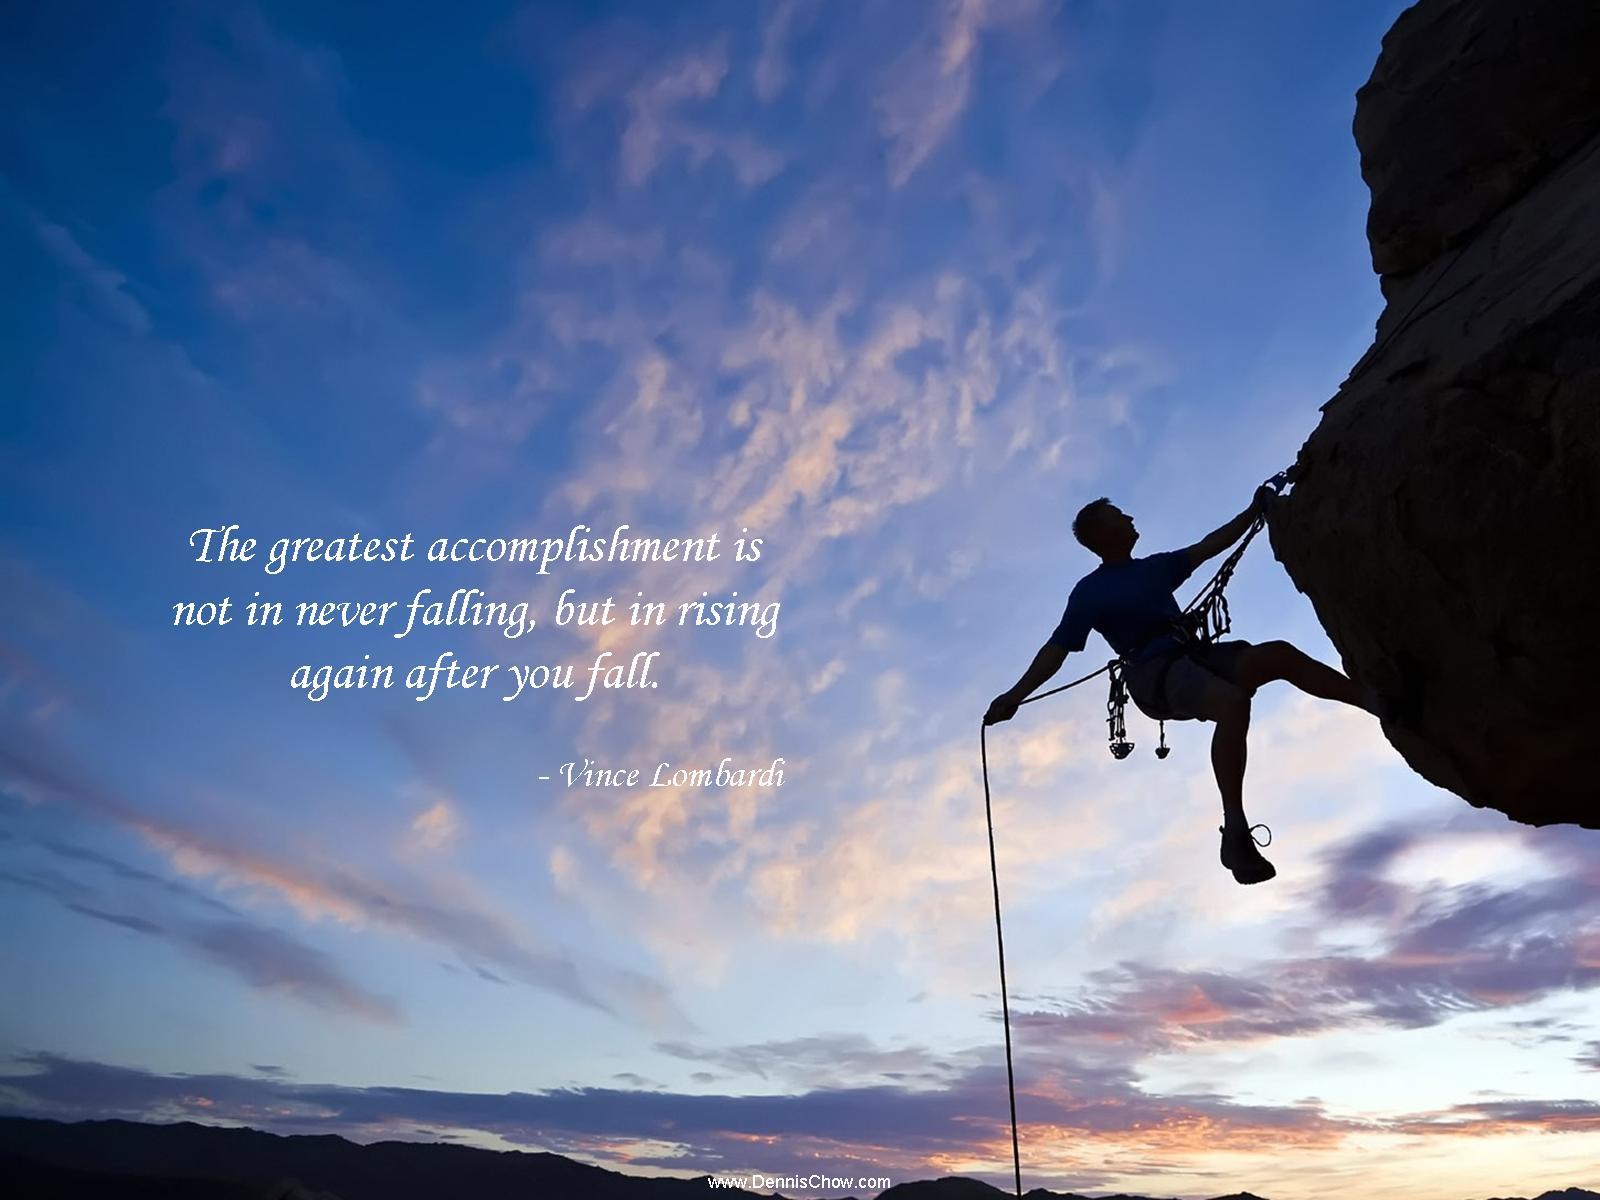 Inspiring quote #5